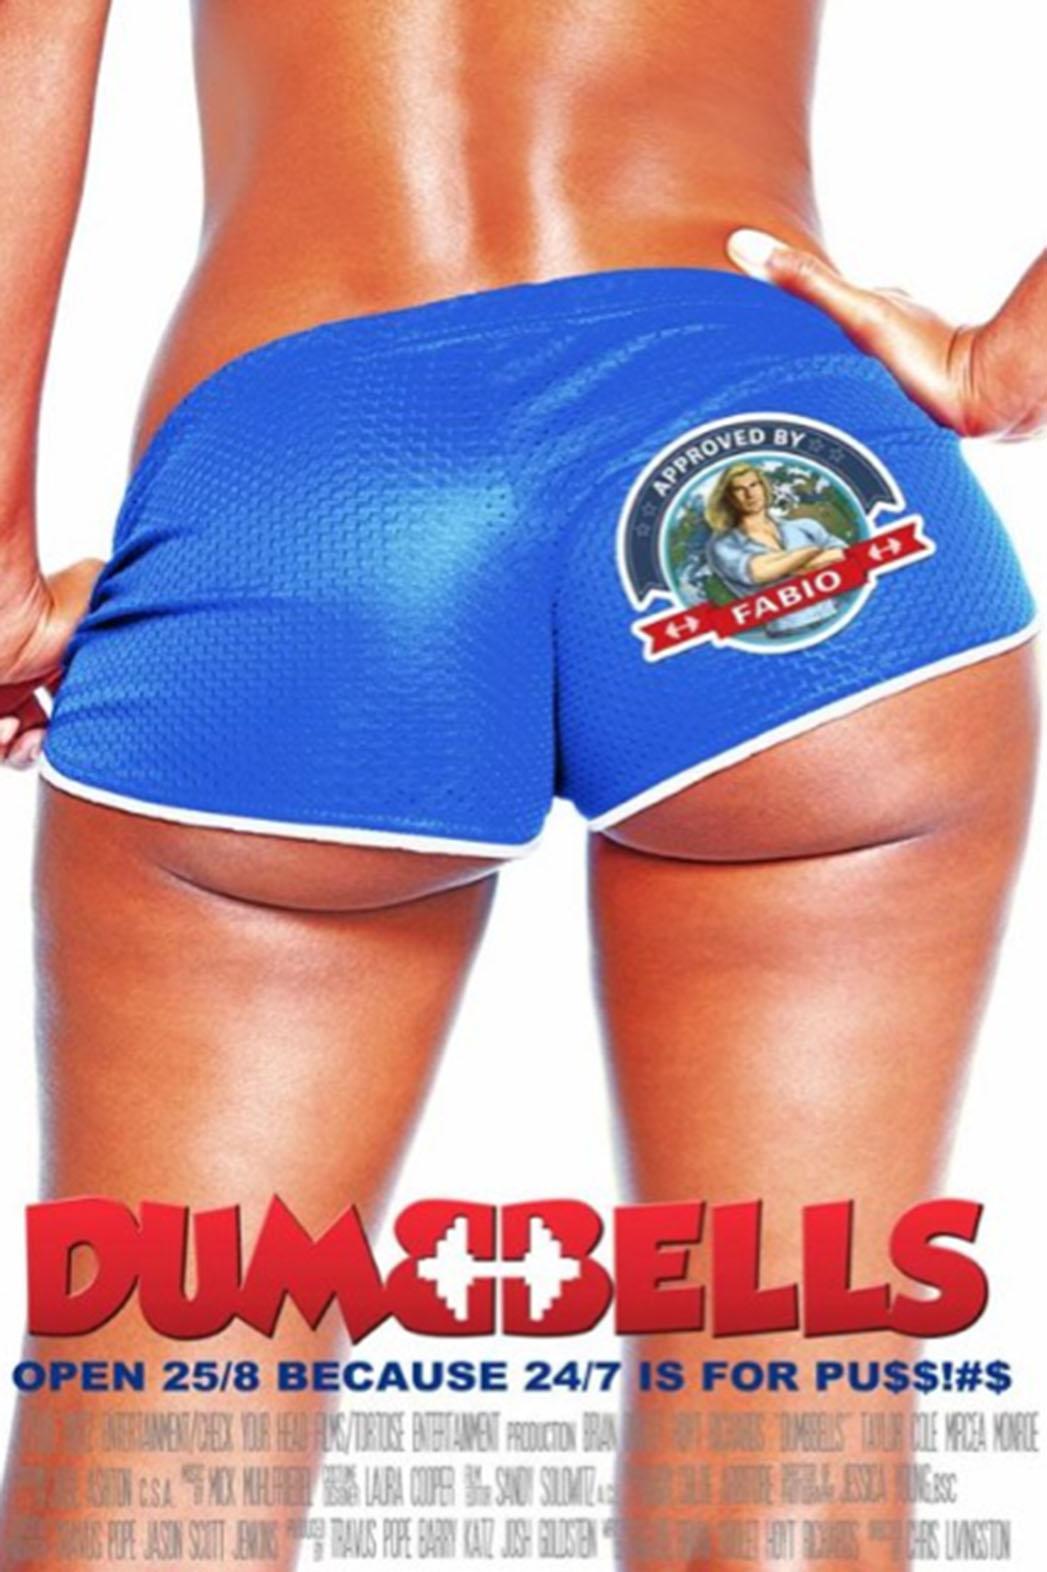 Dumbbells Poster Art - P 2014